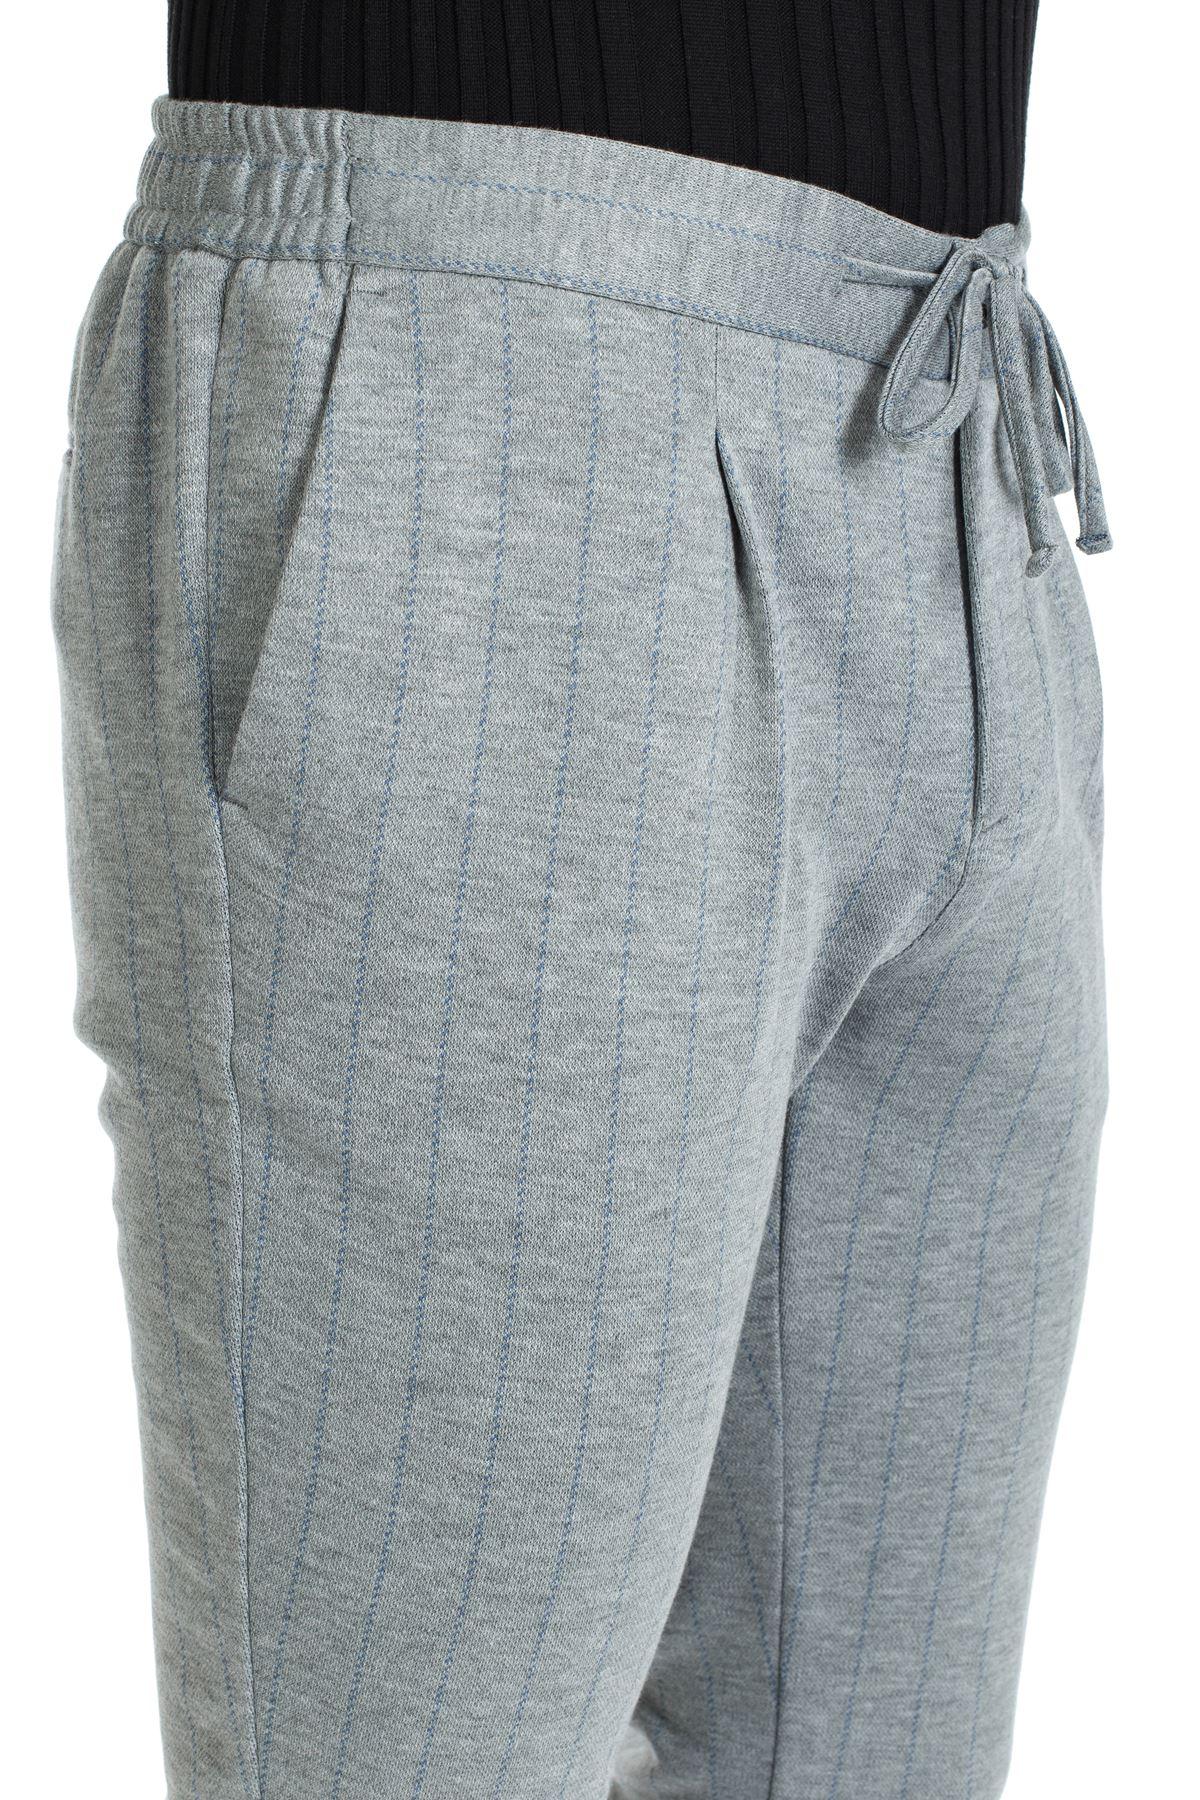 Gri Mavi Çizgili Jogger Spor Pantolon